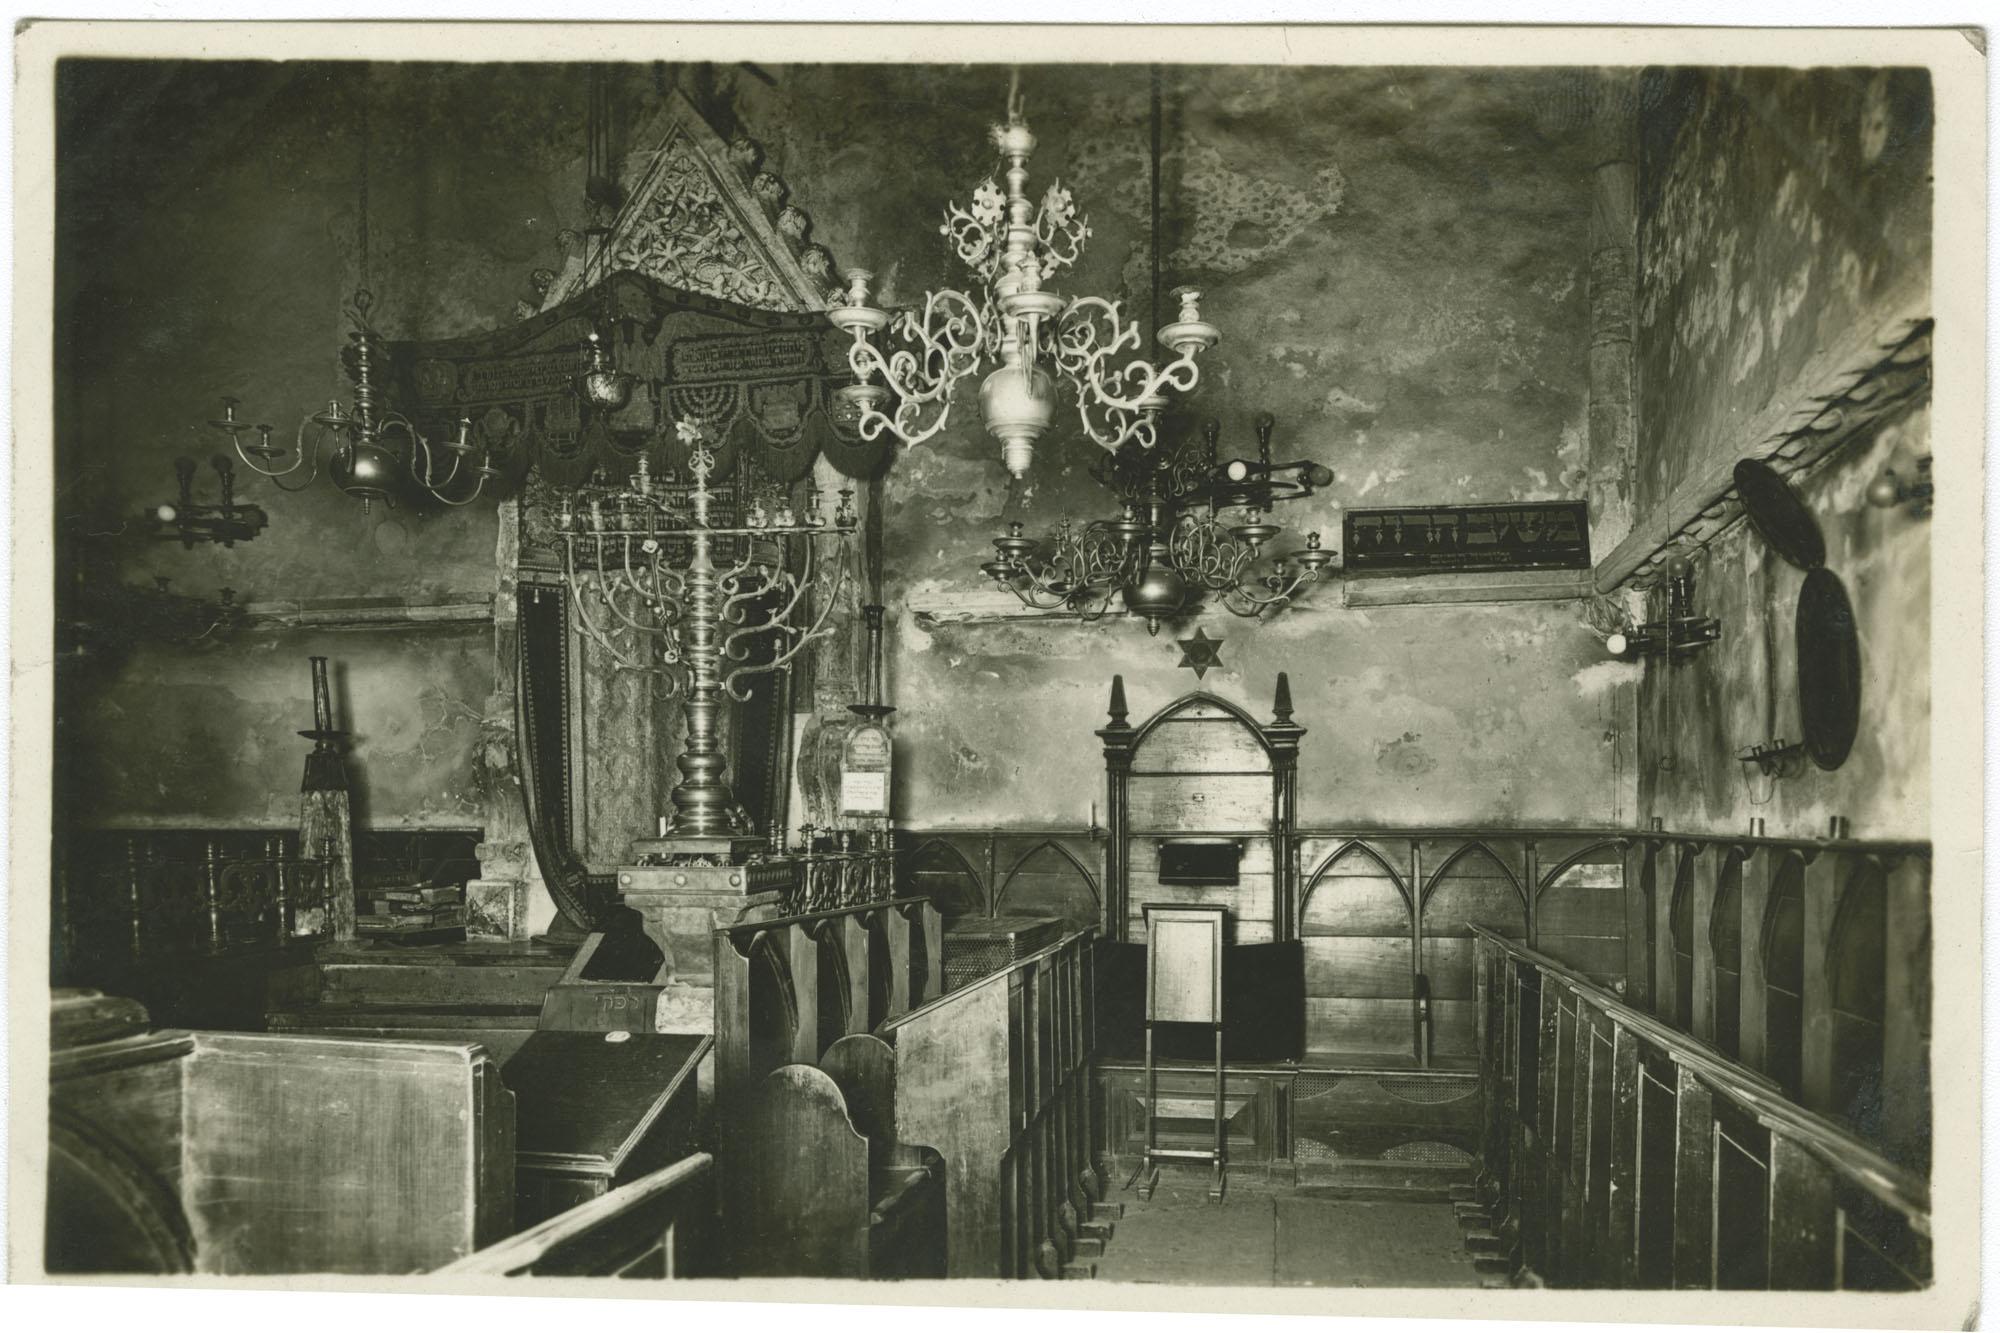 ארון הקודש ומקום הרבנים בביה